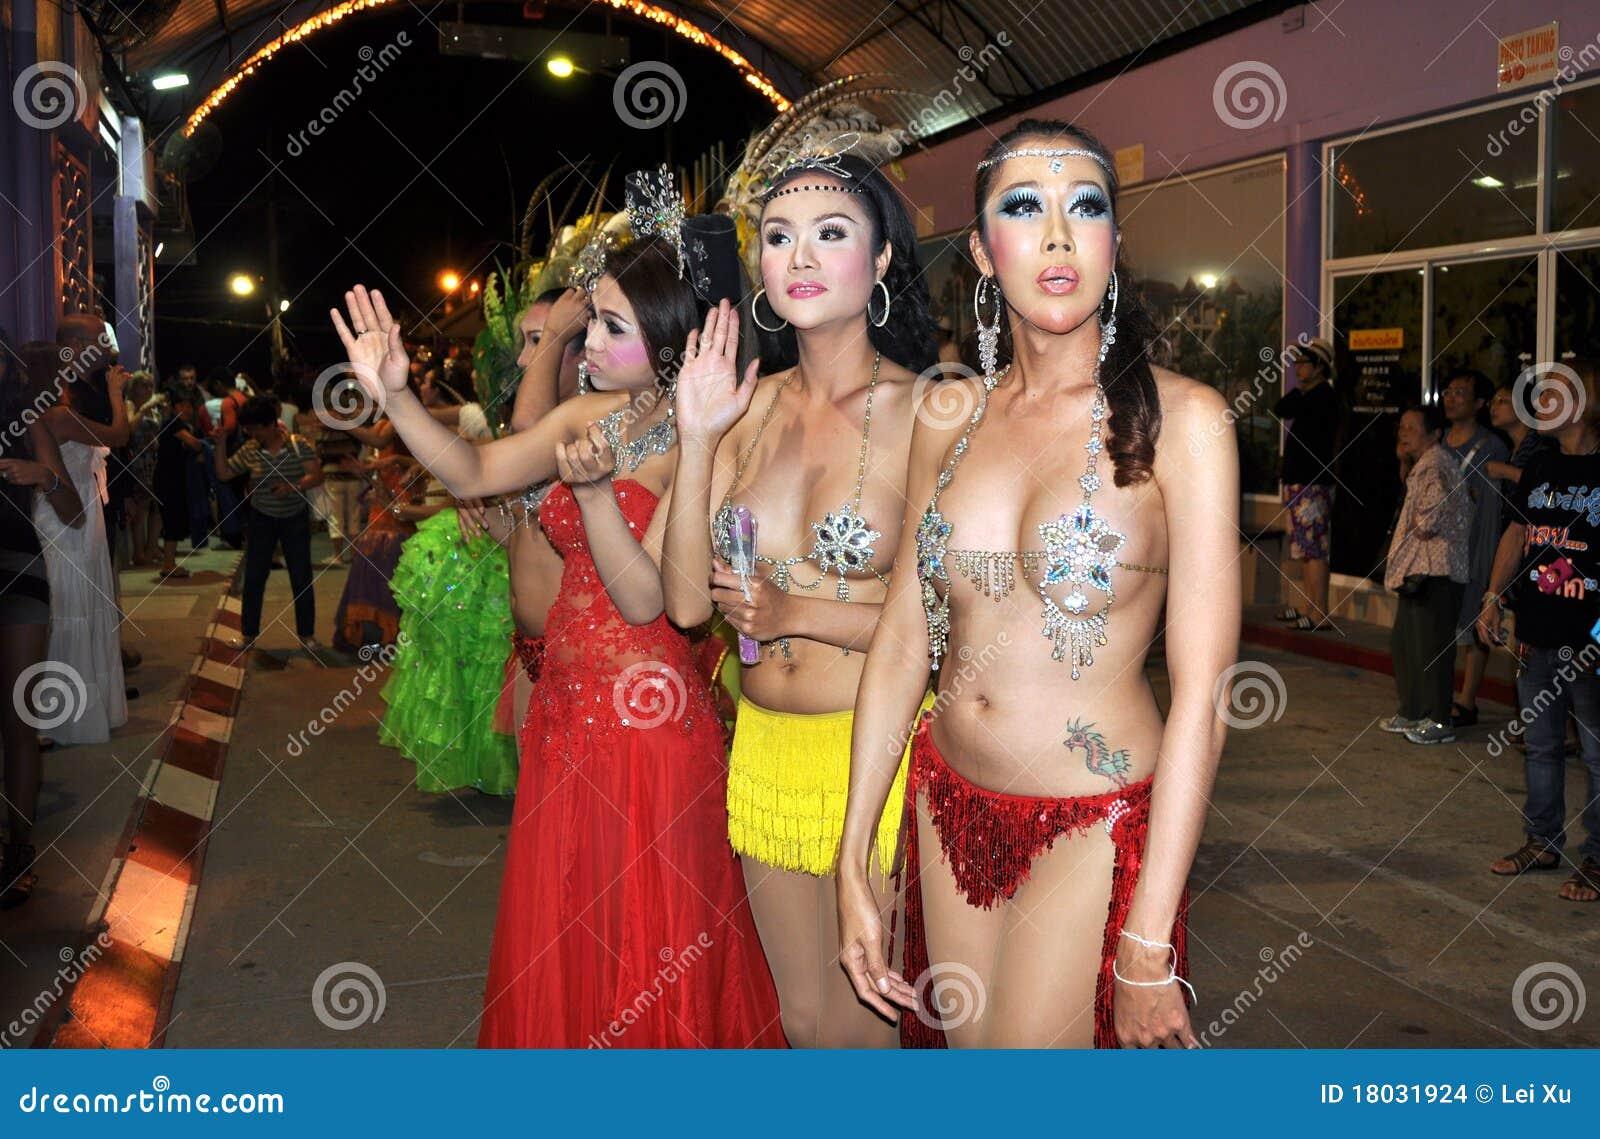 Ladyboy Show Phuket Thailand